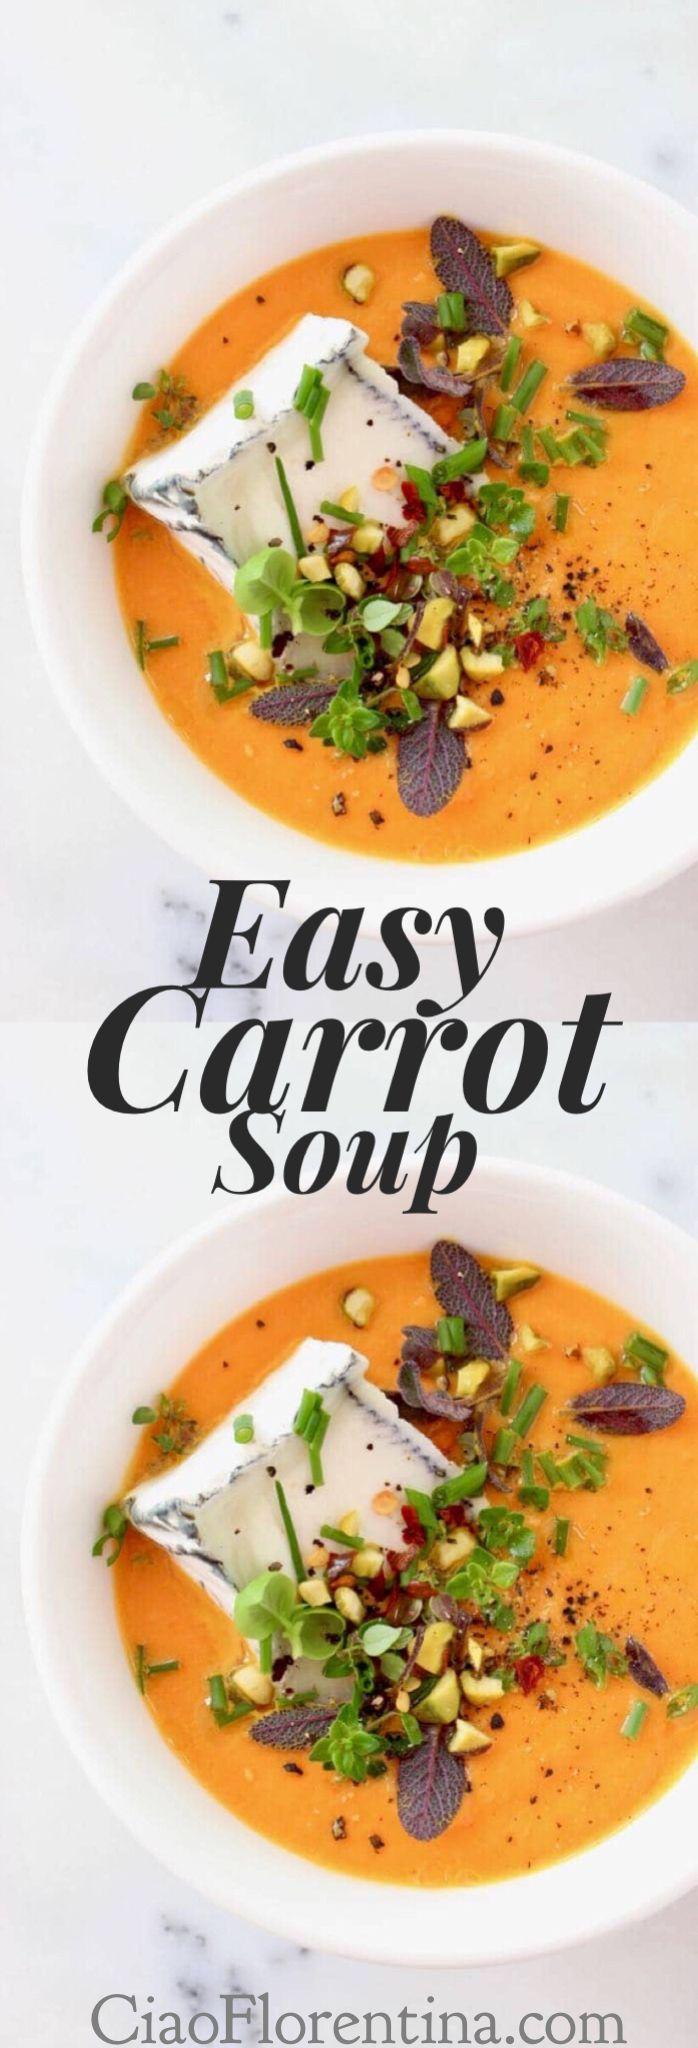 Easy Carrot Soup Recipe  | CiaoFlorentina.com @CiaoFlorentina